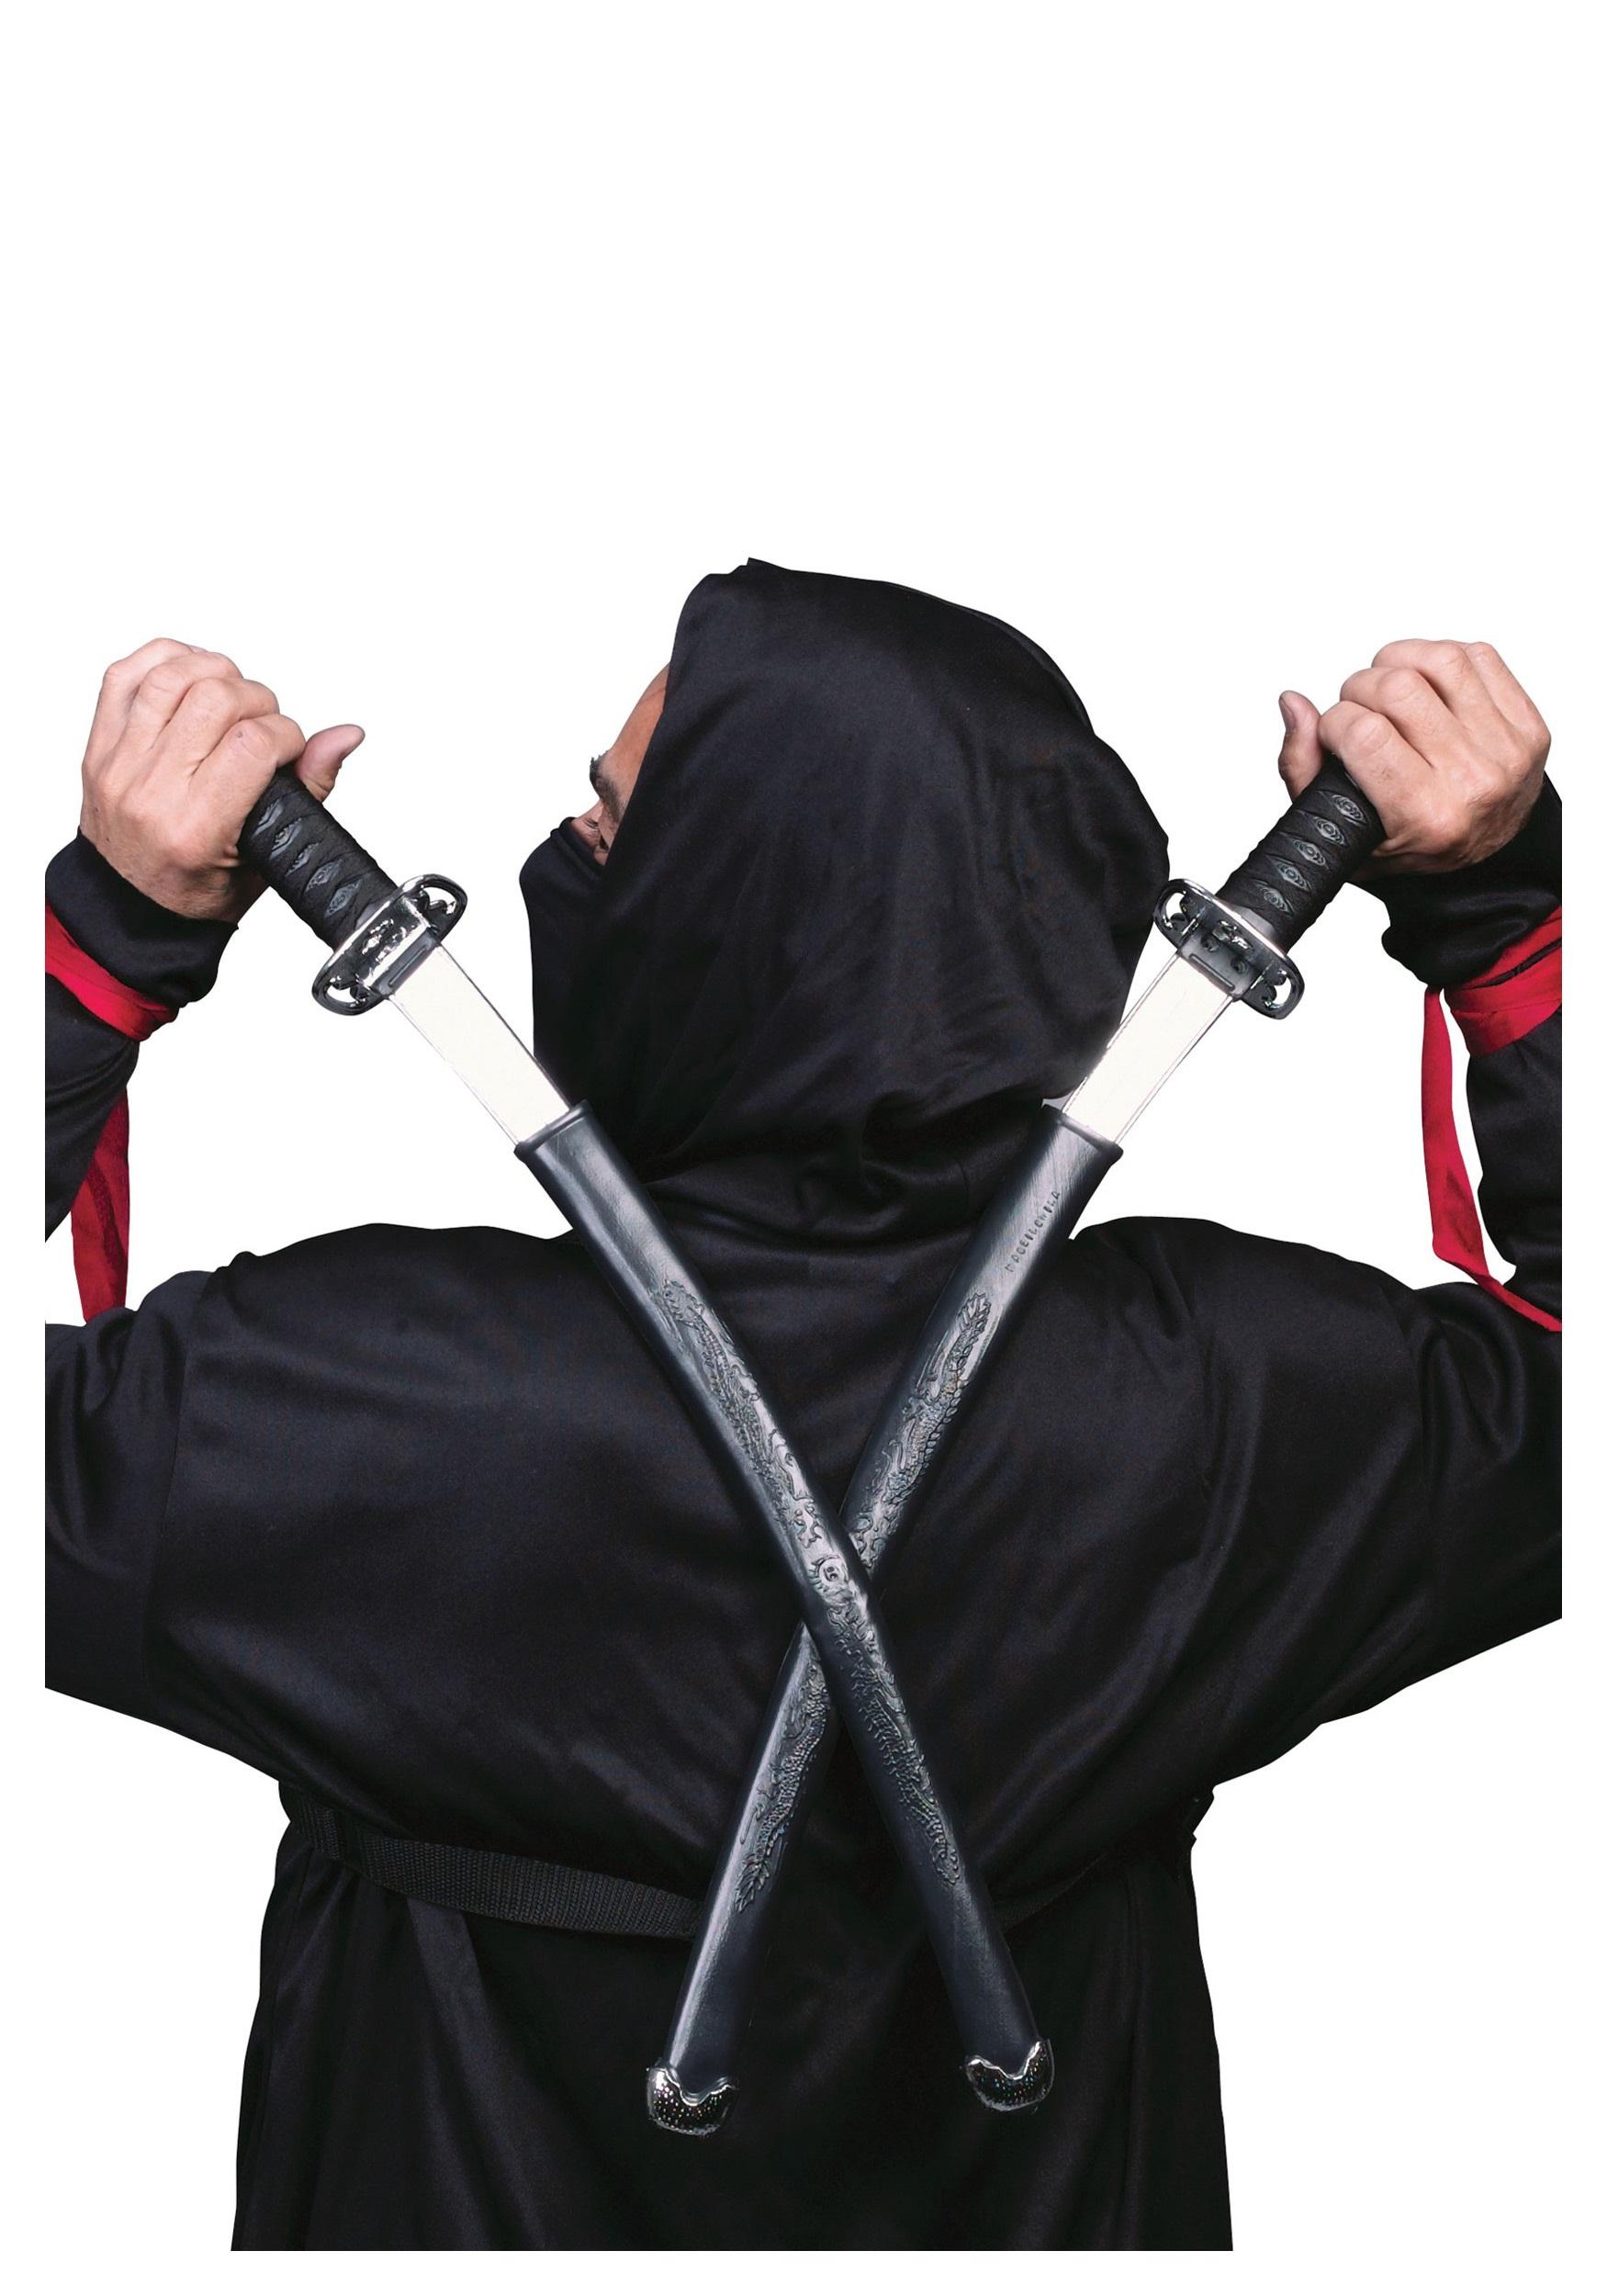 Twin Ninja Warrior Swords